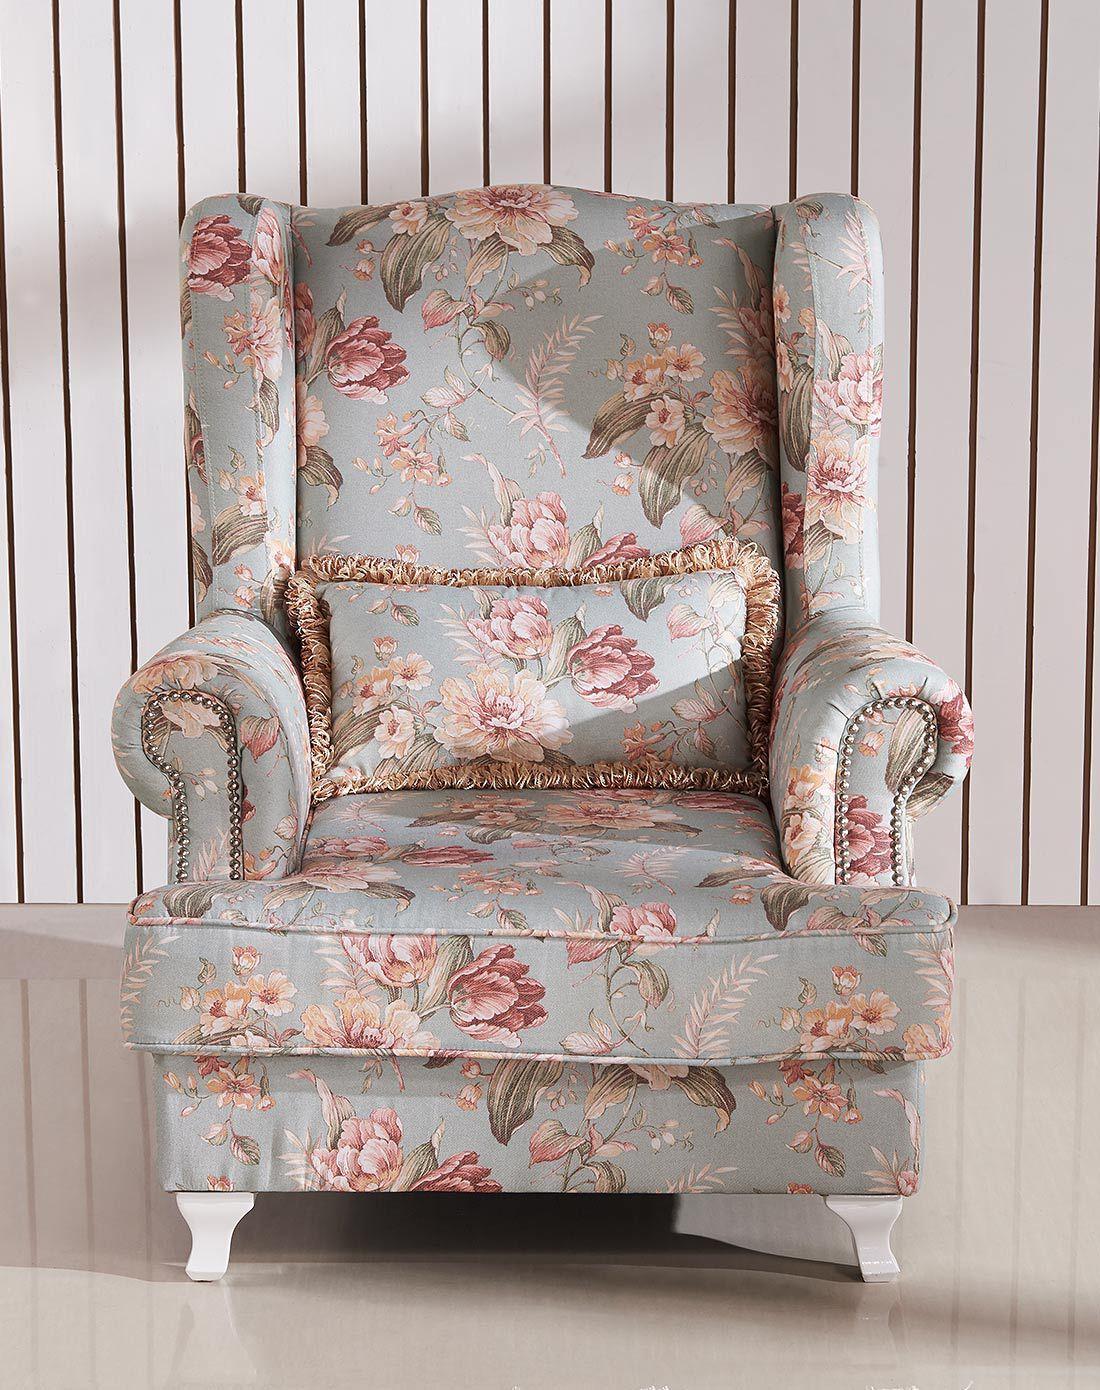 DreasyLife家具专场直复古新发货小美式老虎凳临安家具图片